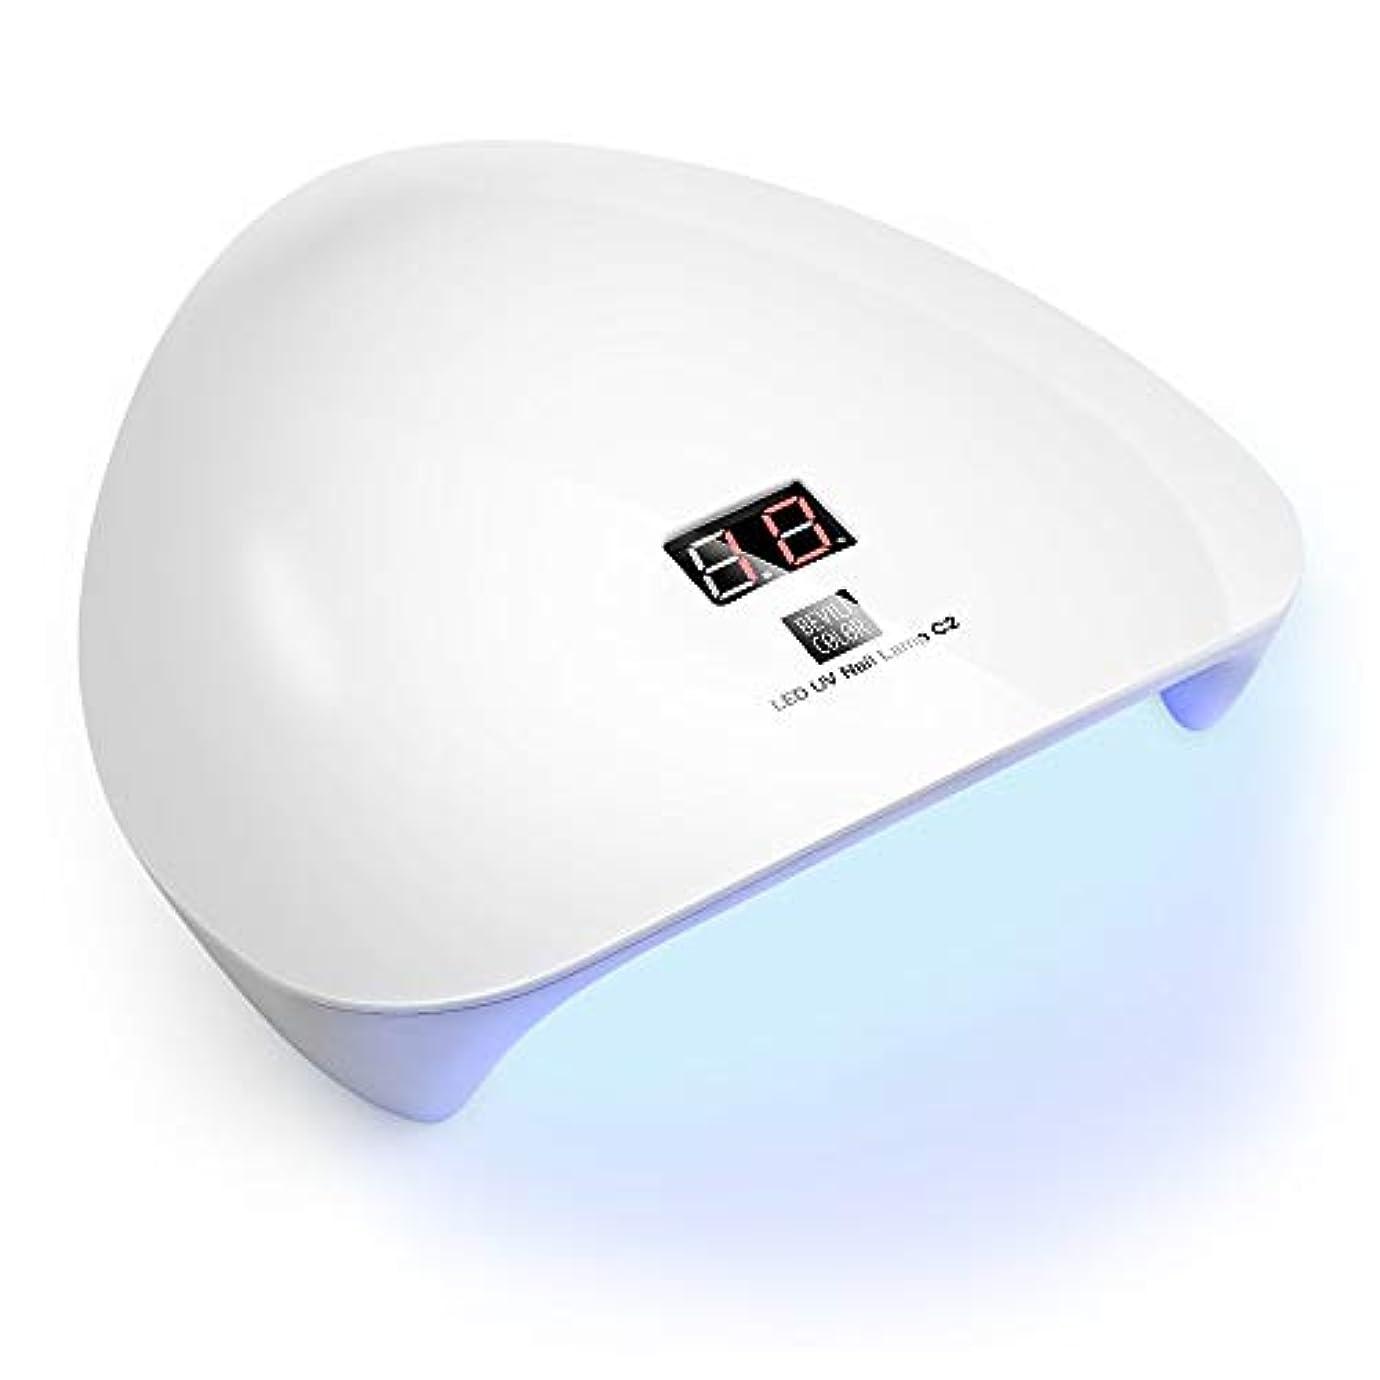 千リングレット要求するWEVILI ネイル硬化用ライト UVライト LEDライト UVライトネイルドライヤー マニキュア用 LED ネイルドライヤー タイマー機能 自動センサー機能 レジン 便利 (45W 硬化用UVライト)